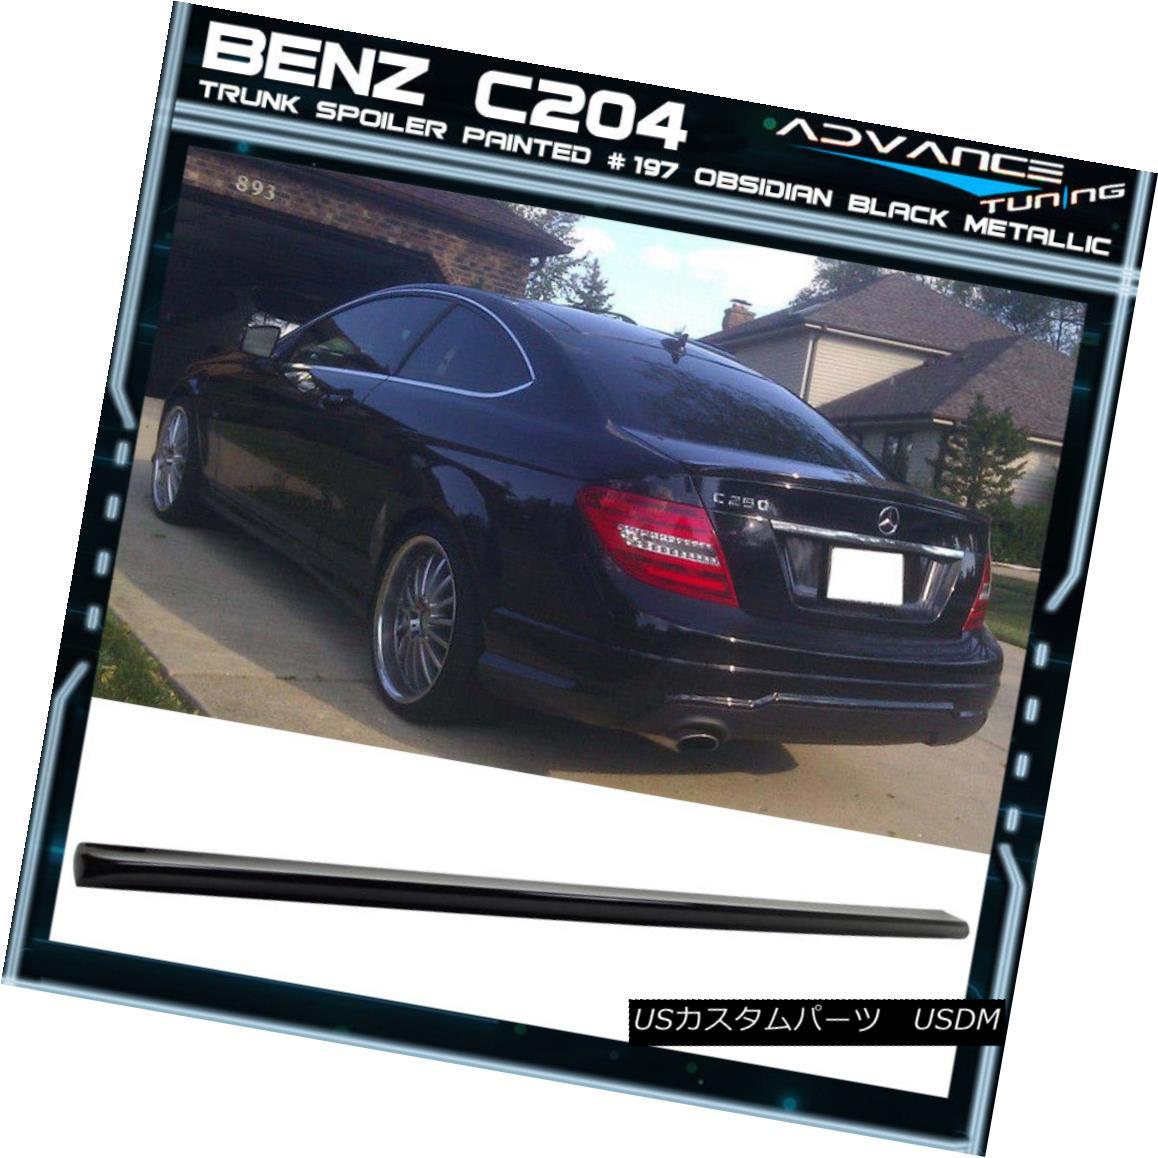 エアロパーツ 12-15 Benz C204 AMG Trunk Spoiler OEM Painted Color #197 Obsidian Black Metallic 12-15ベンツC204 AMGトランク・スポイラーOEM塗装カラー#197黒曜石黒メタリック